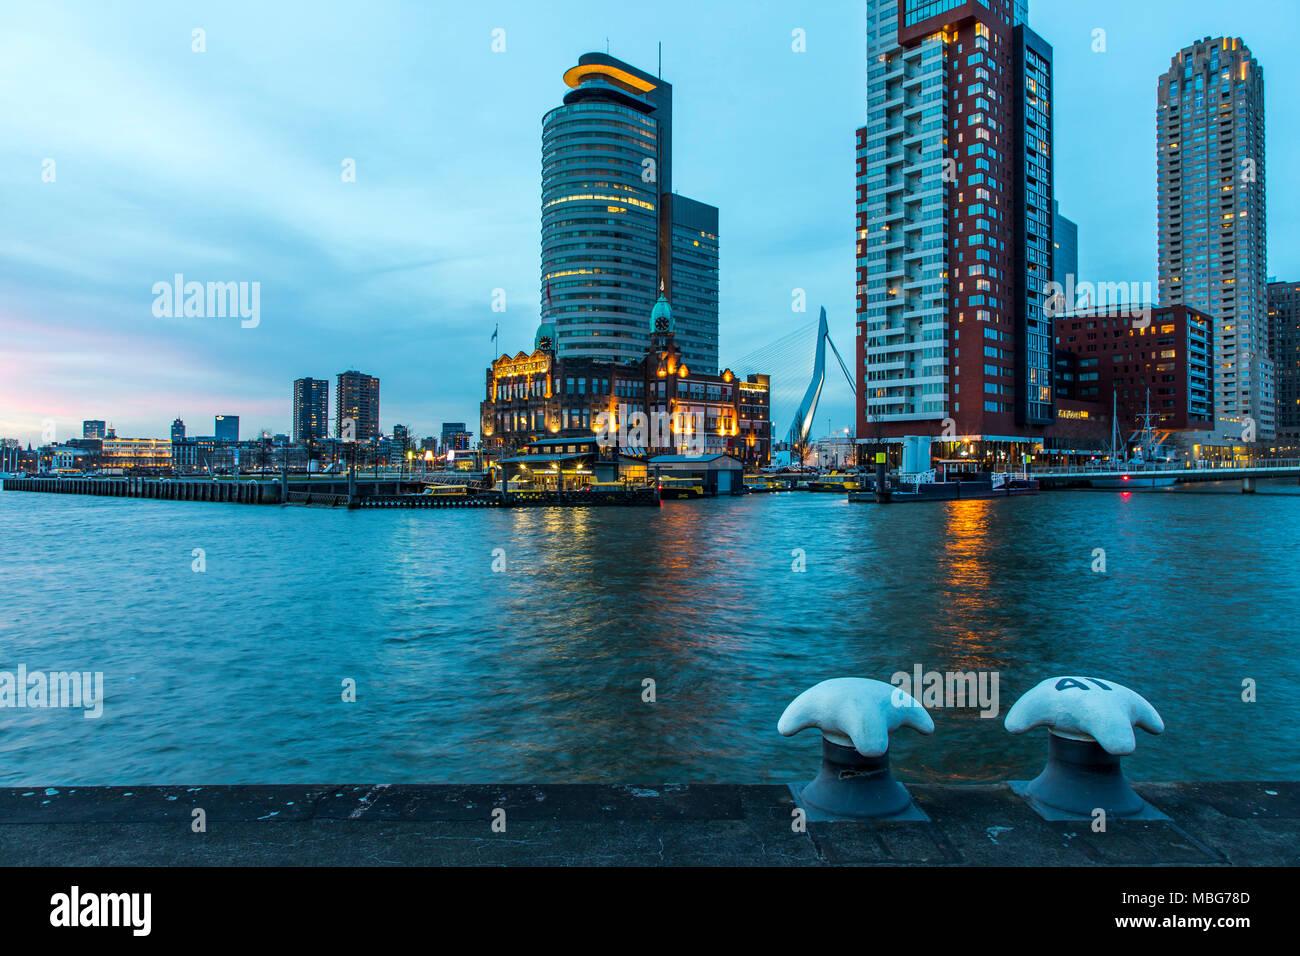 Die Skyline von Rotterdam, an der Nieuwe Maas, Fluss, Hochhäuser am 'Kop van Zuid' Stadtteil, Niederlande, - Stock Image